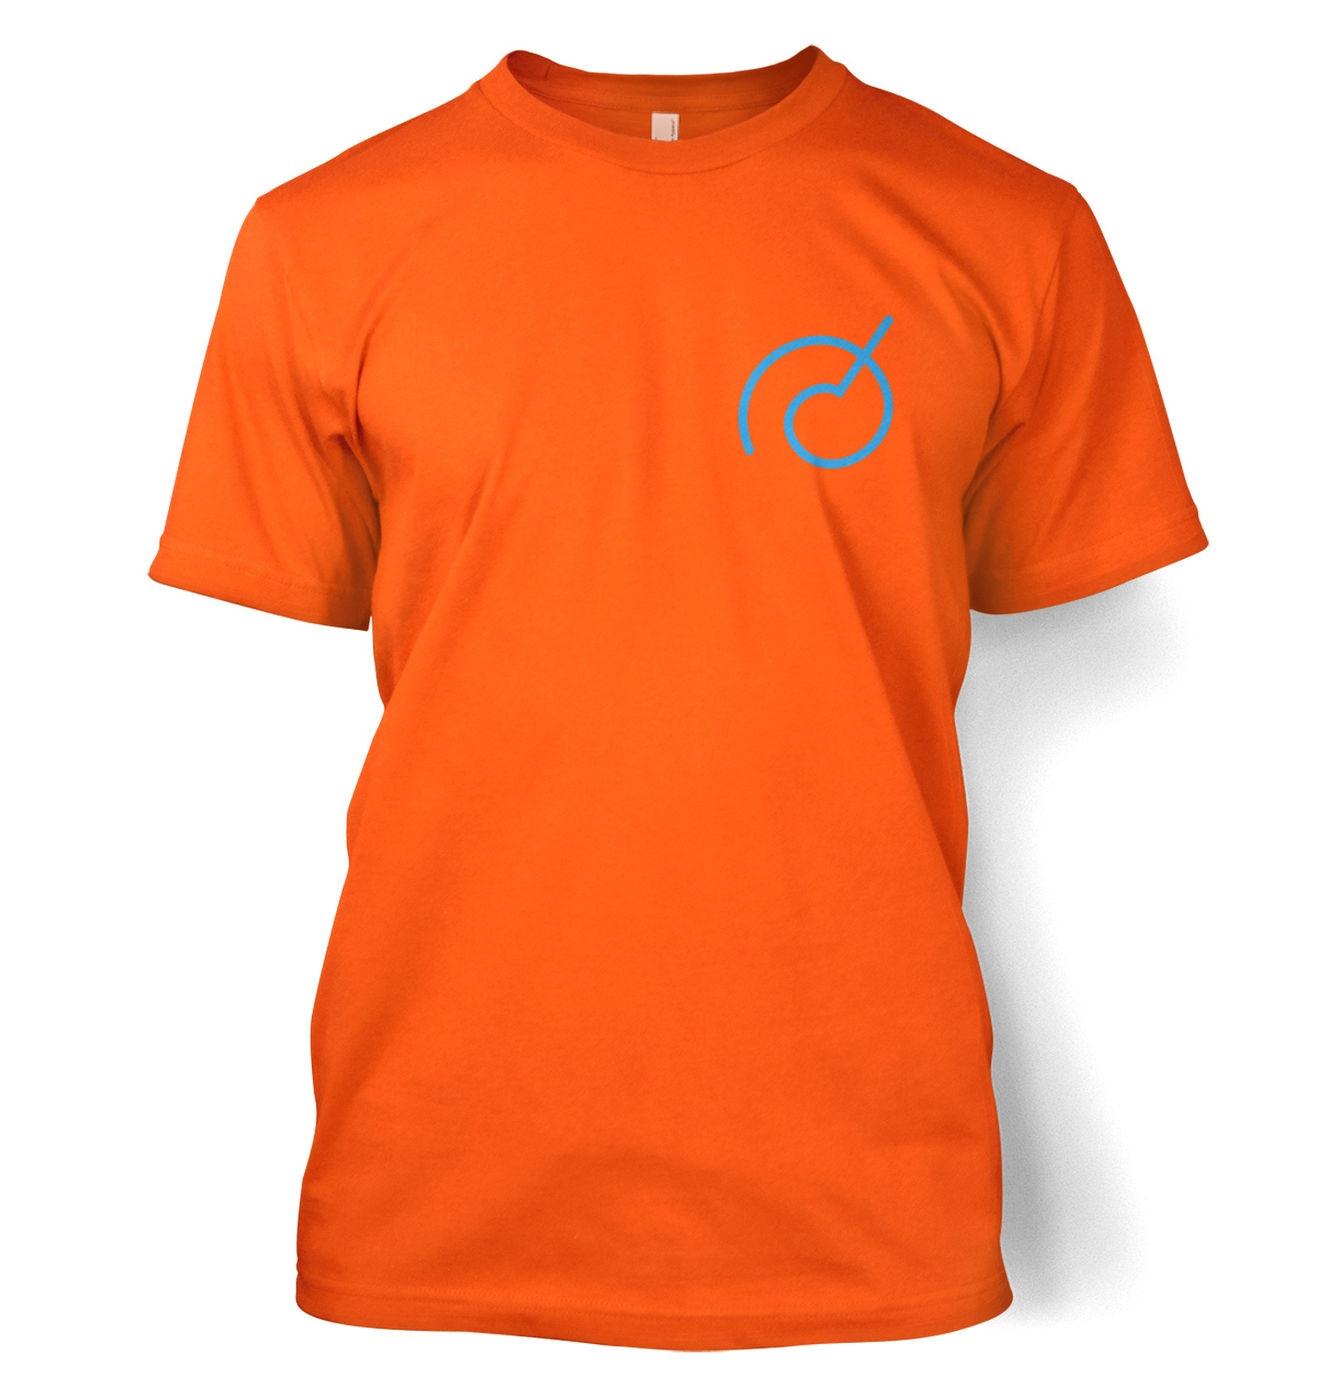 Saiyan Warrior t-shirt by Something Geeky